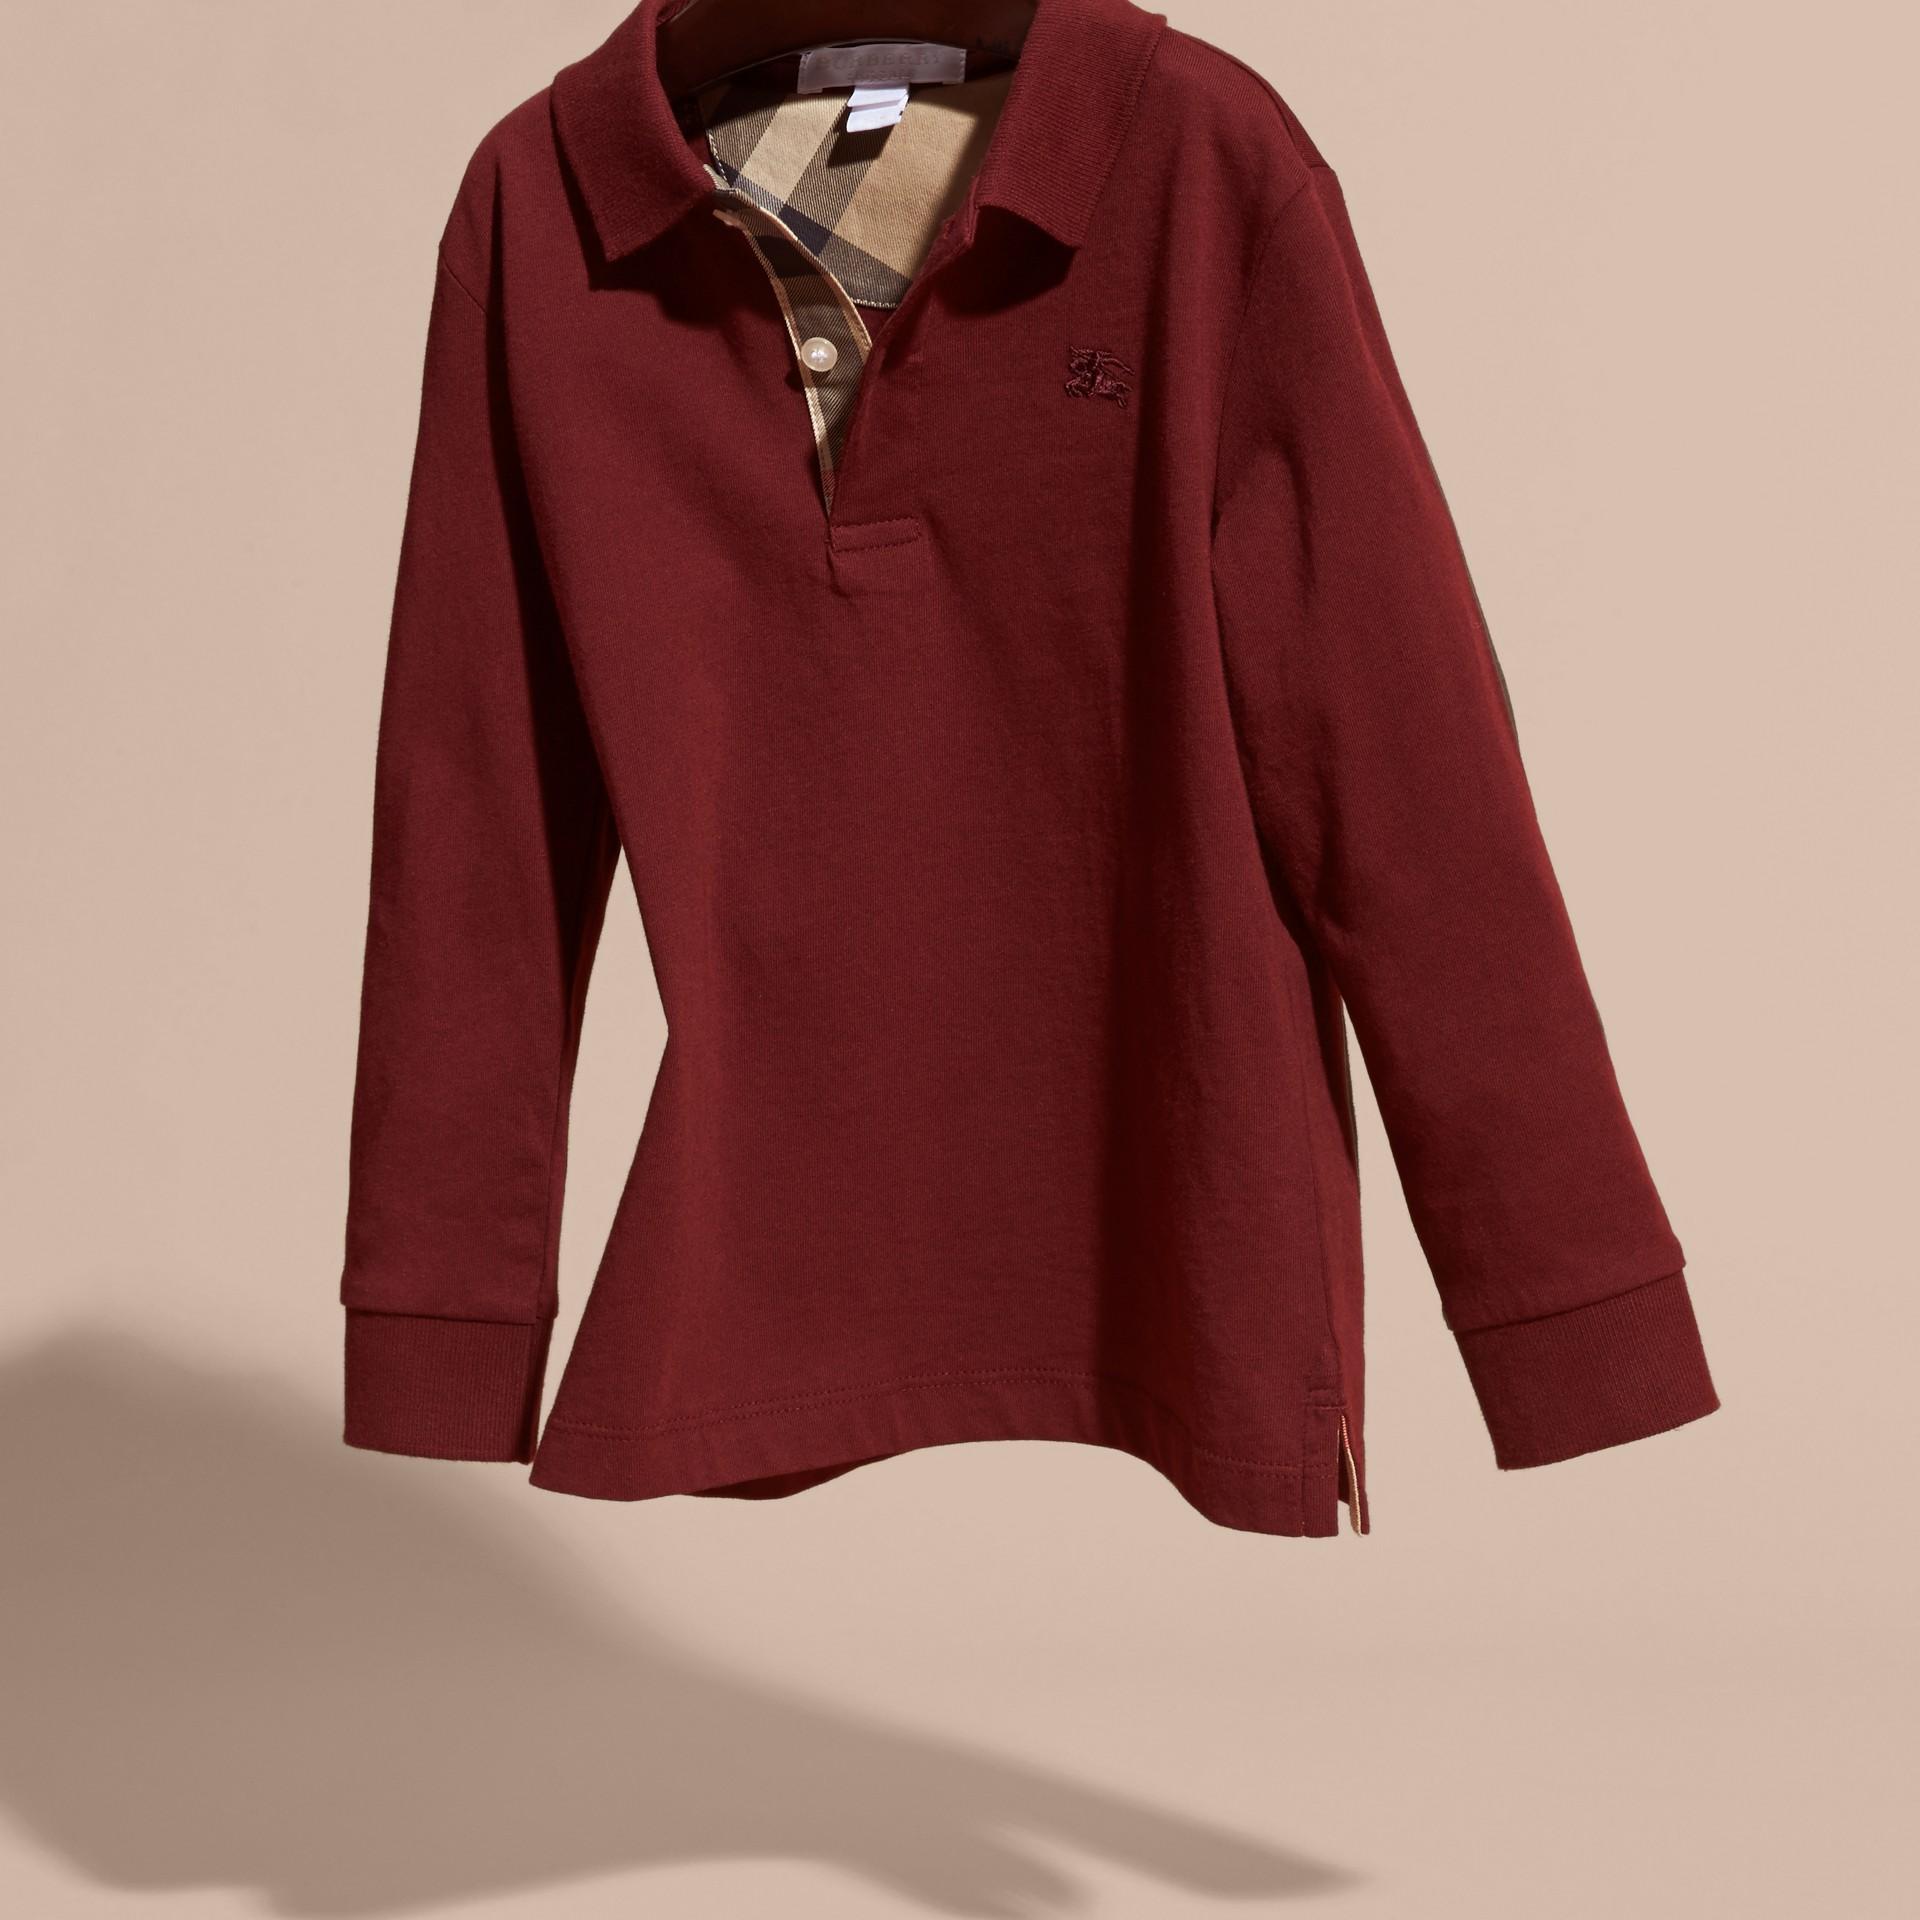 Rosso borgogna Polo in cotone a maniche lunghe Rosso Borgogna - immagine della galleria 3